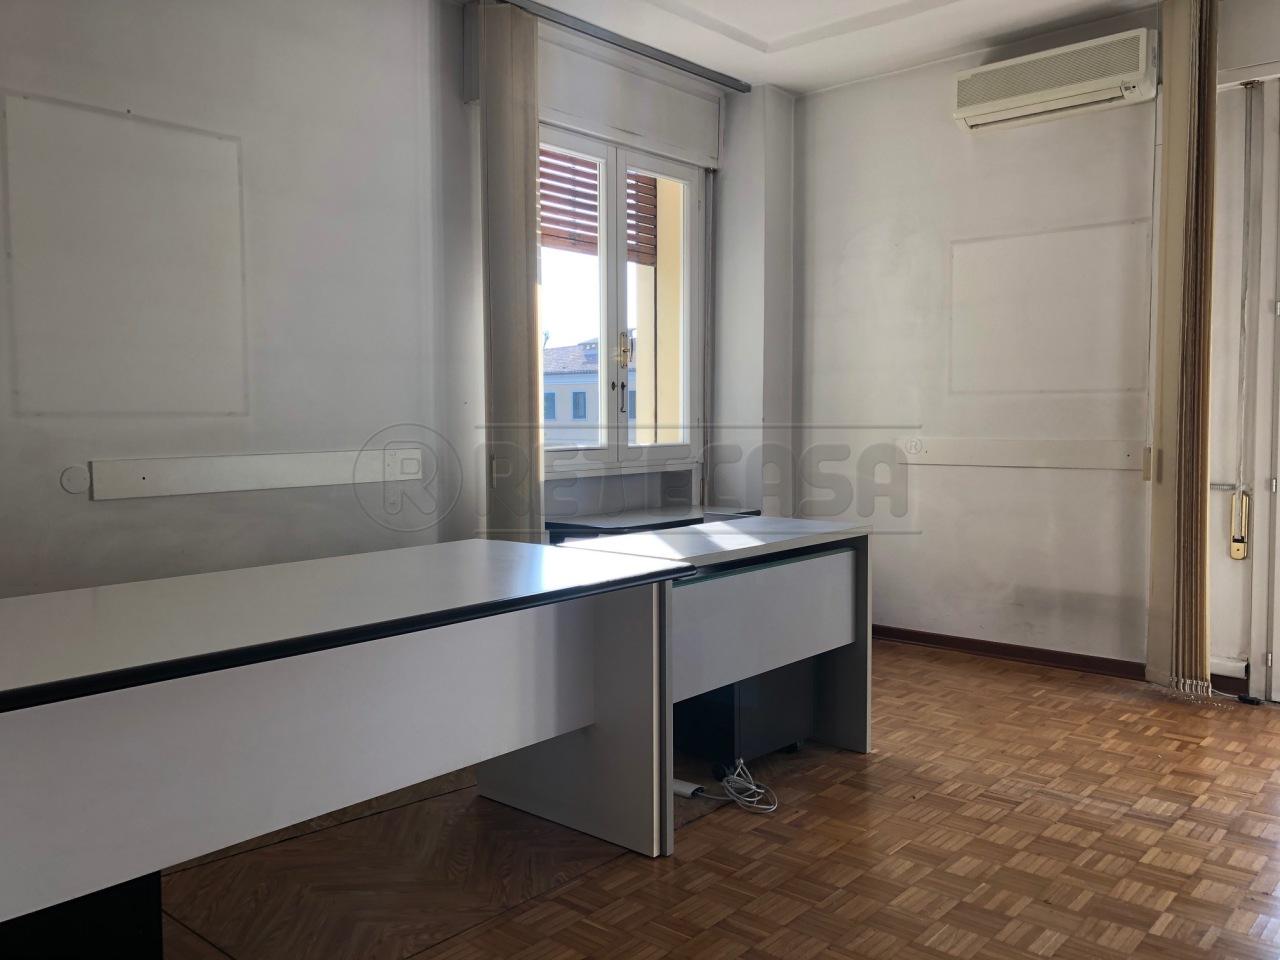 Ufficio / Studio in affitto a Bassano del Grappa, 5 locali, prezzo € 660 | CambioCasa.it